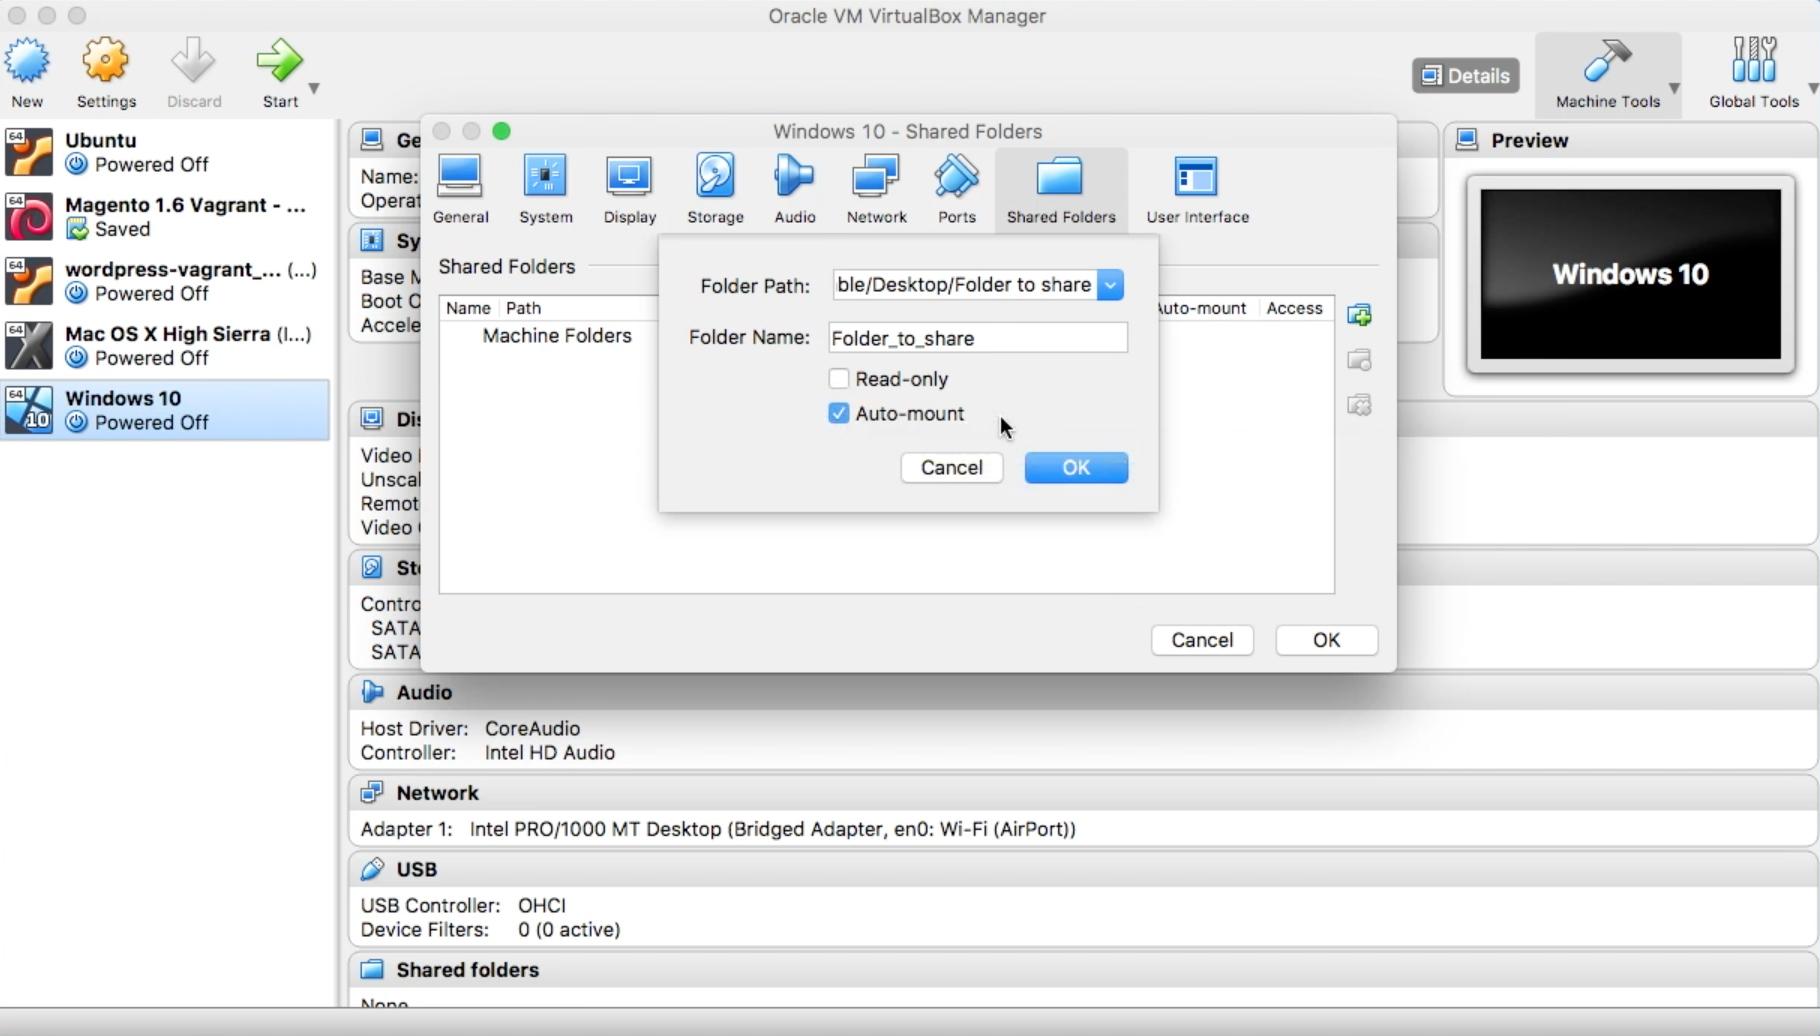 shared-folders-settings-1